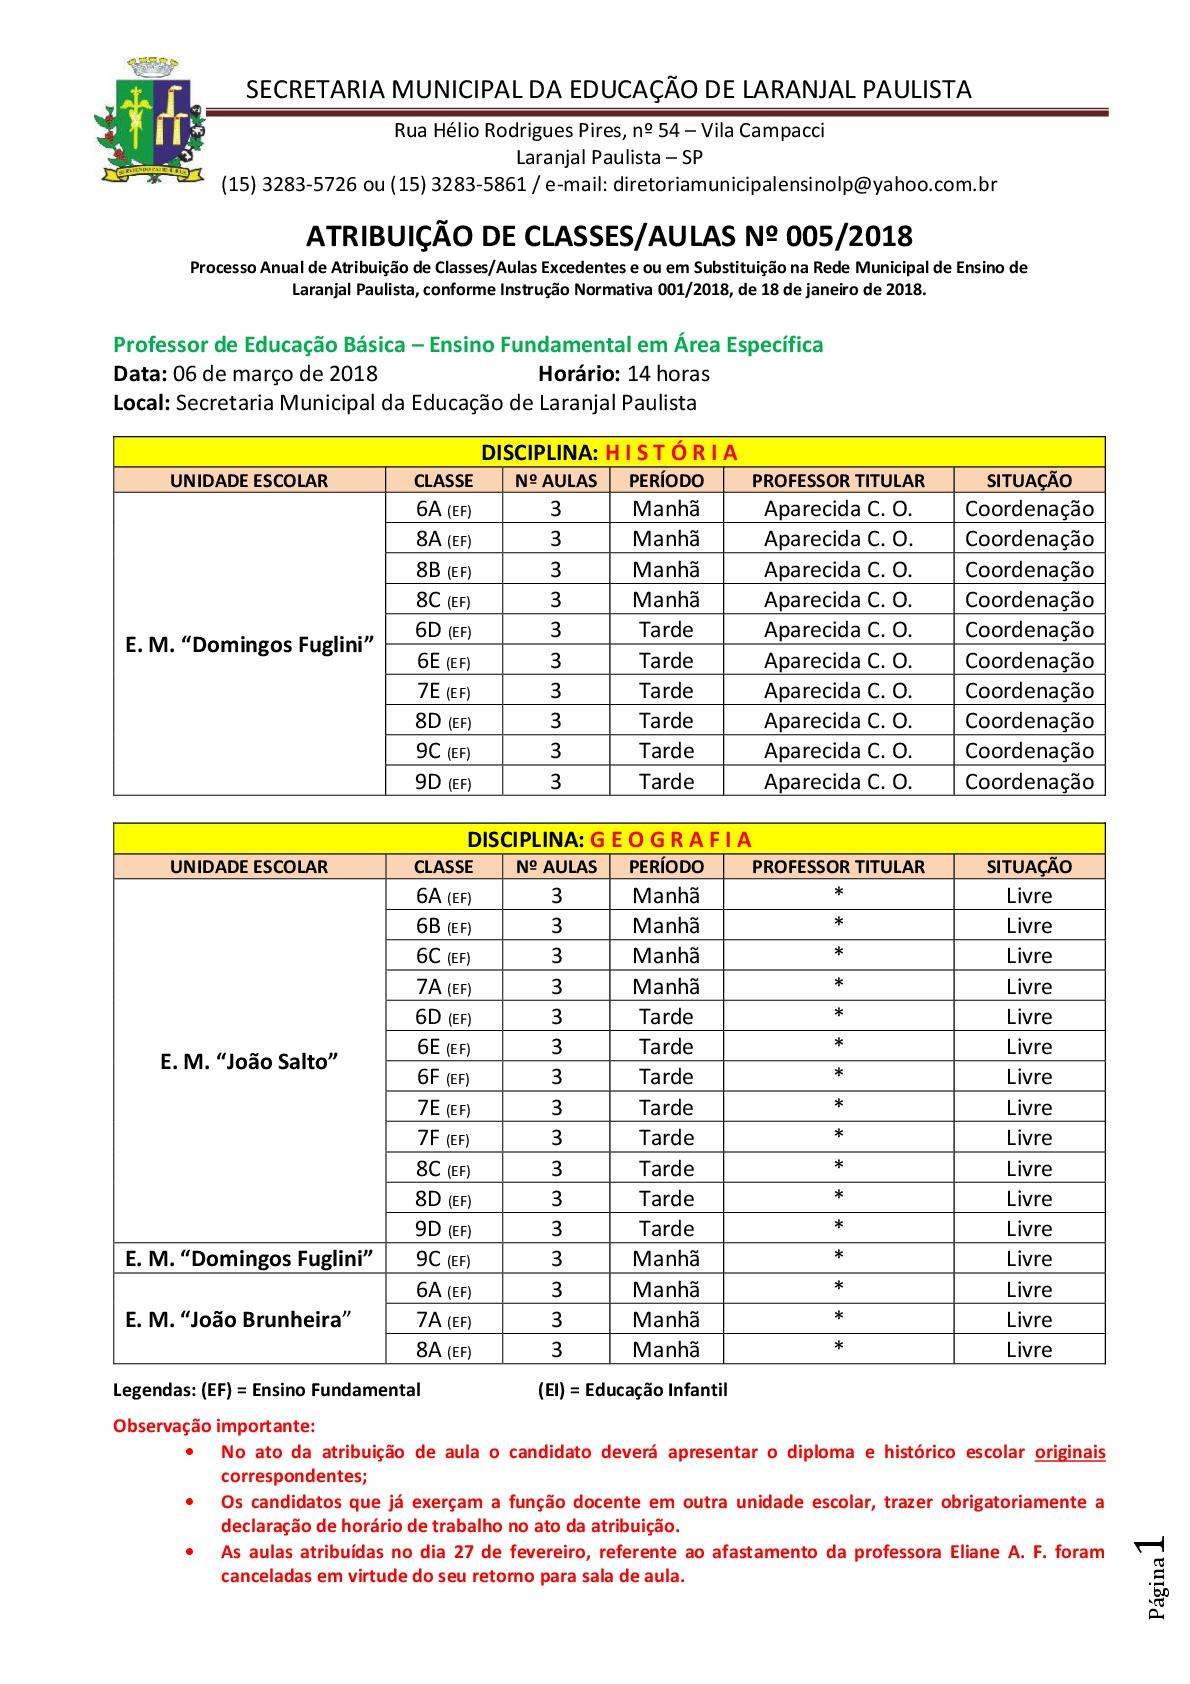 Atribuição de classes e ou aulas excedentes nº 005-2018